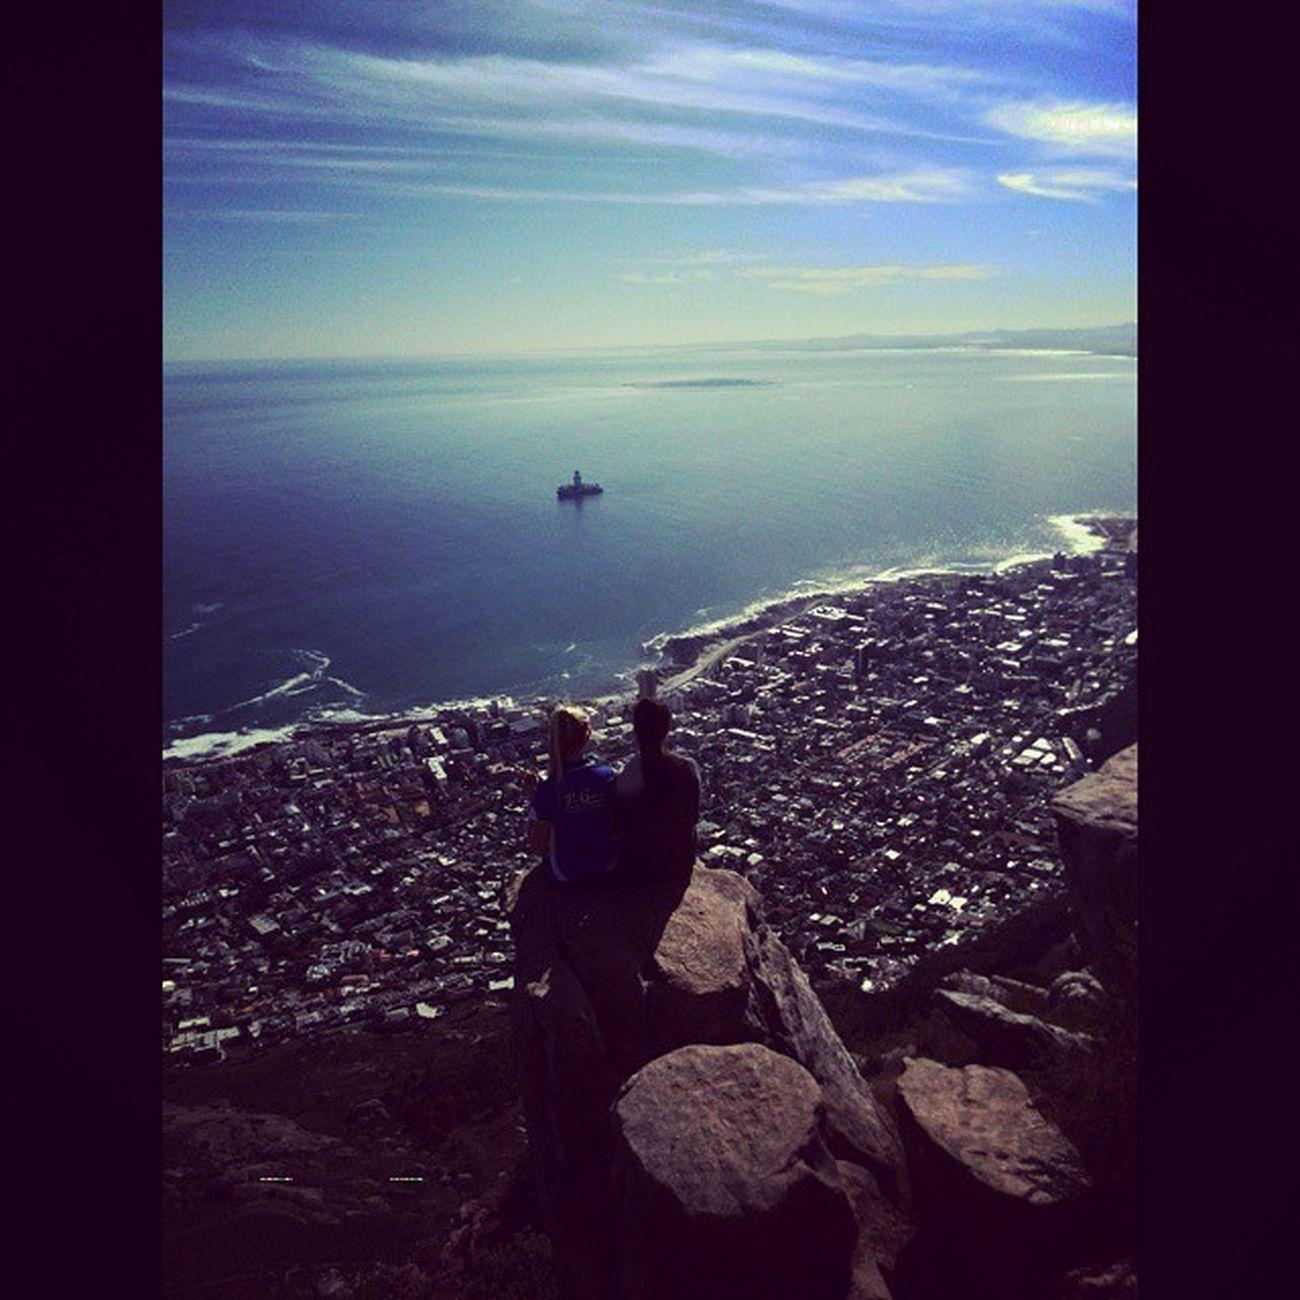 Daai keer toe ons daai berg geklim het ? Rekordtyd Leeukoppie Capetown Throwback tbt tamswalli fitness geboudes jokes Ididntdiethattime peanutbutterenjambroodjies fiksefannies thatview bestes